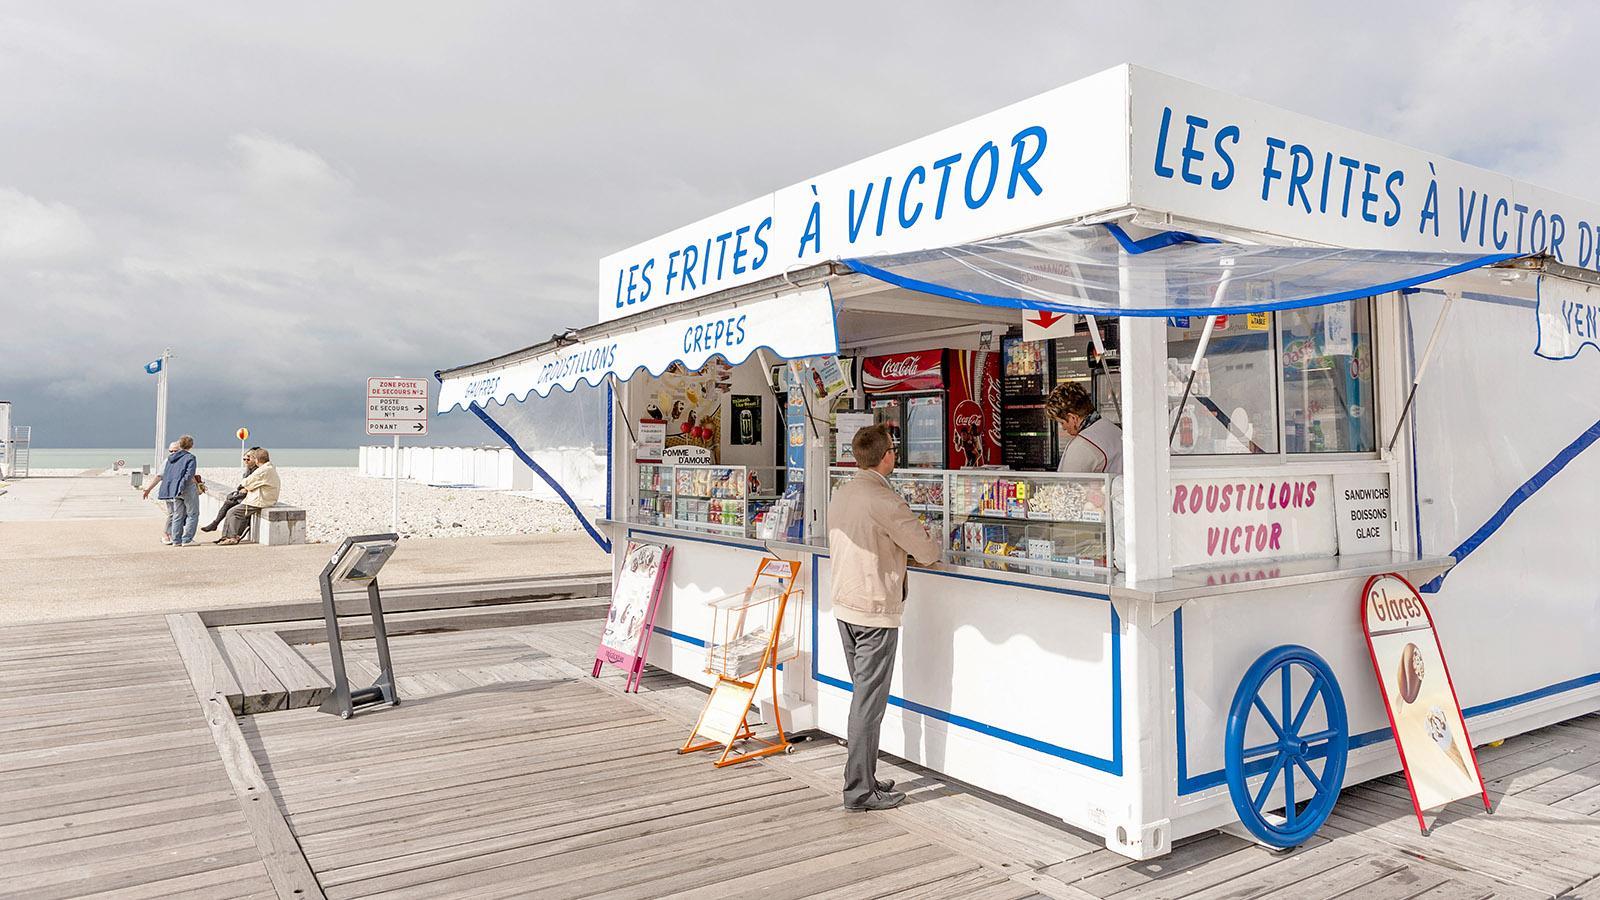 Le Havre: Frites à Victor. Foto: Hilke Maunder